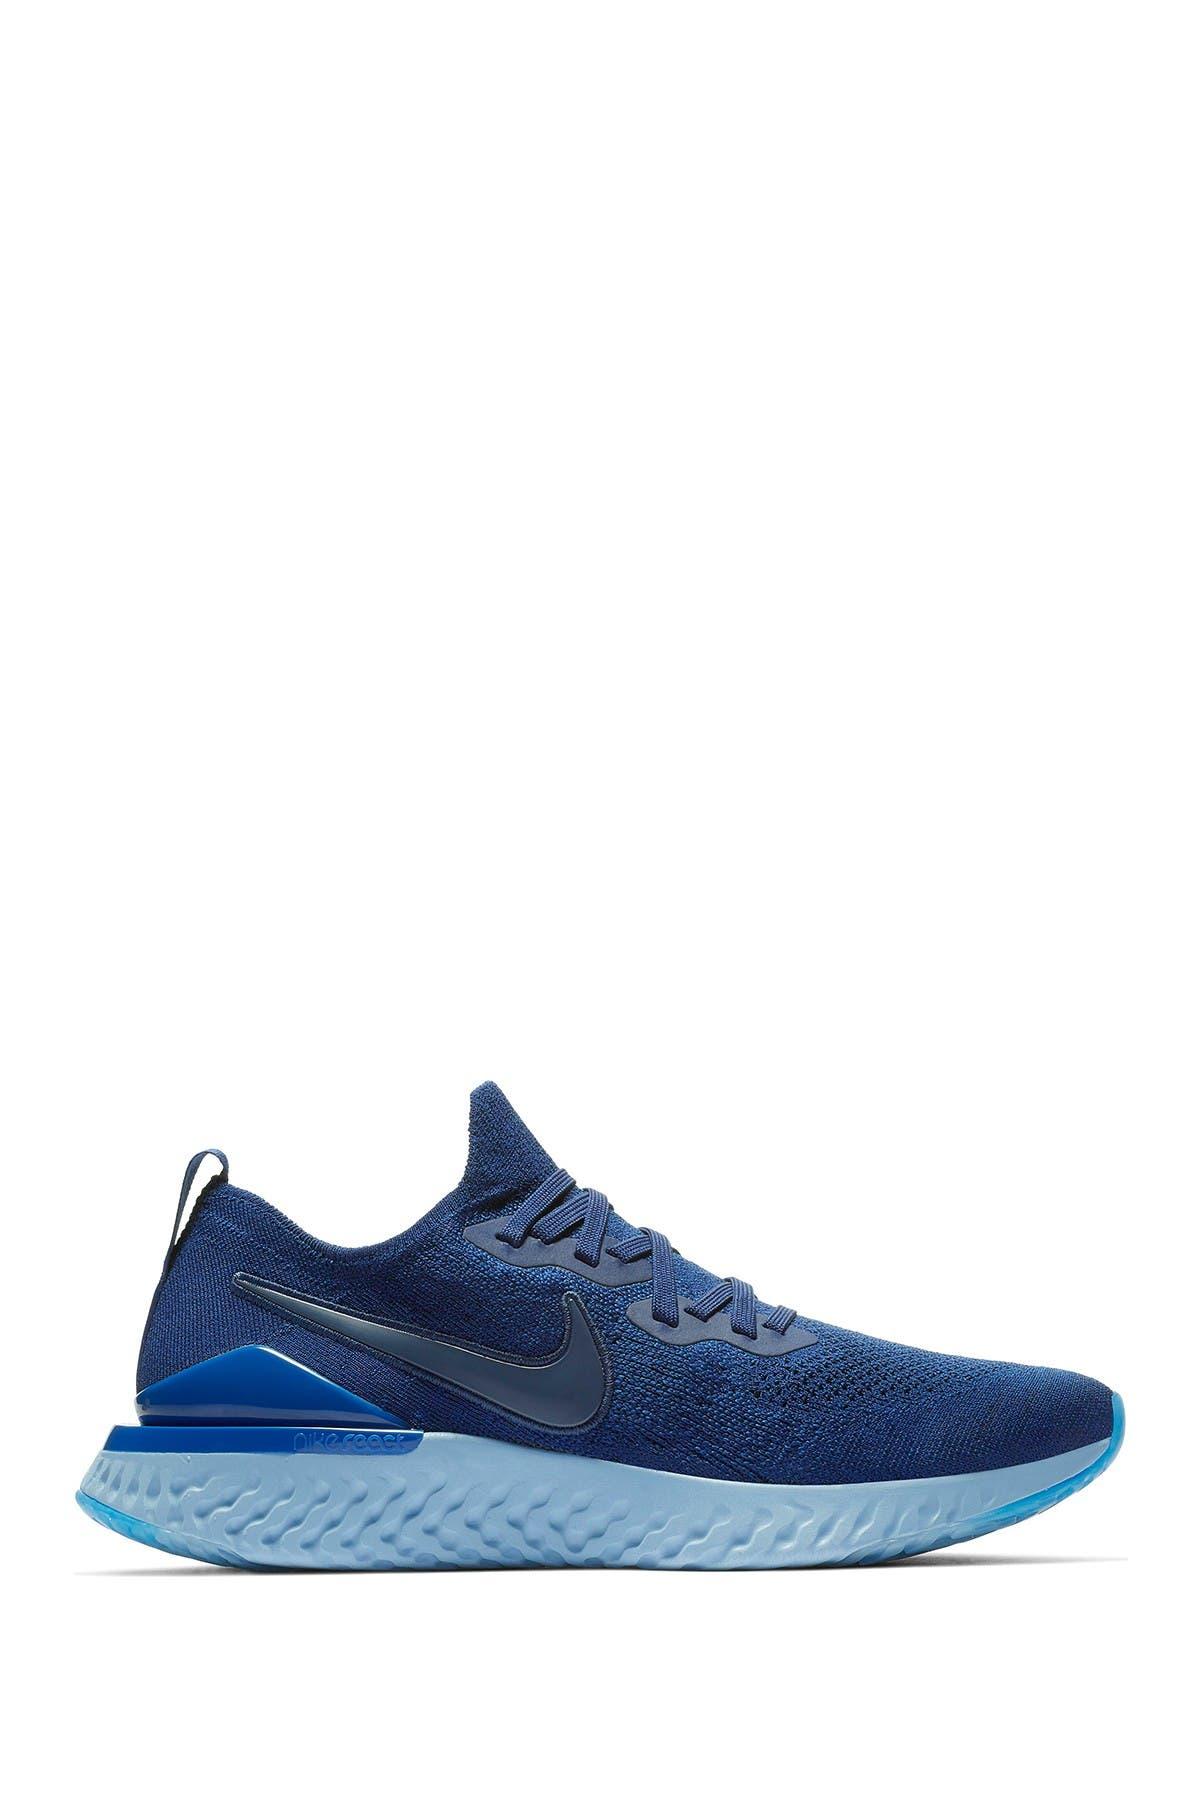 Nike | Epic React Flyknit 2 Running